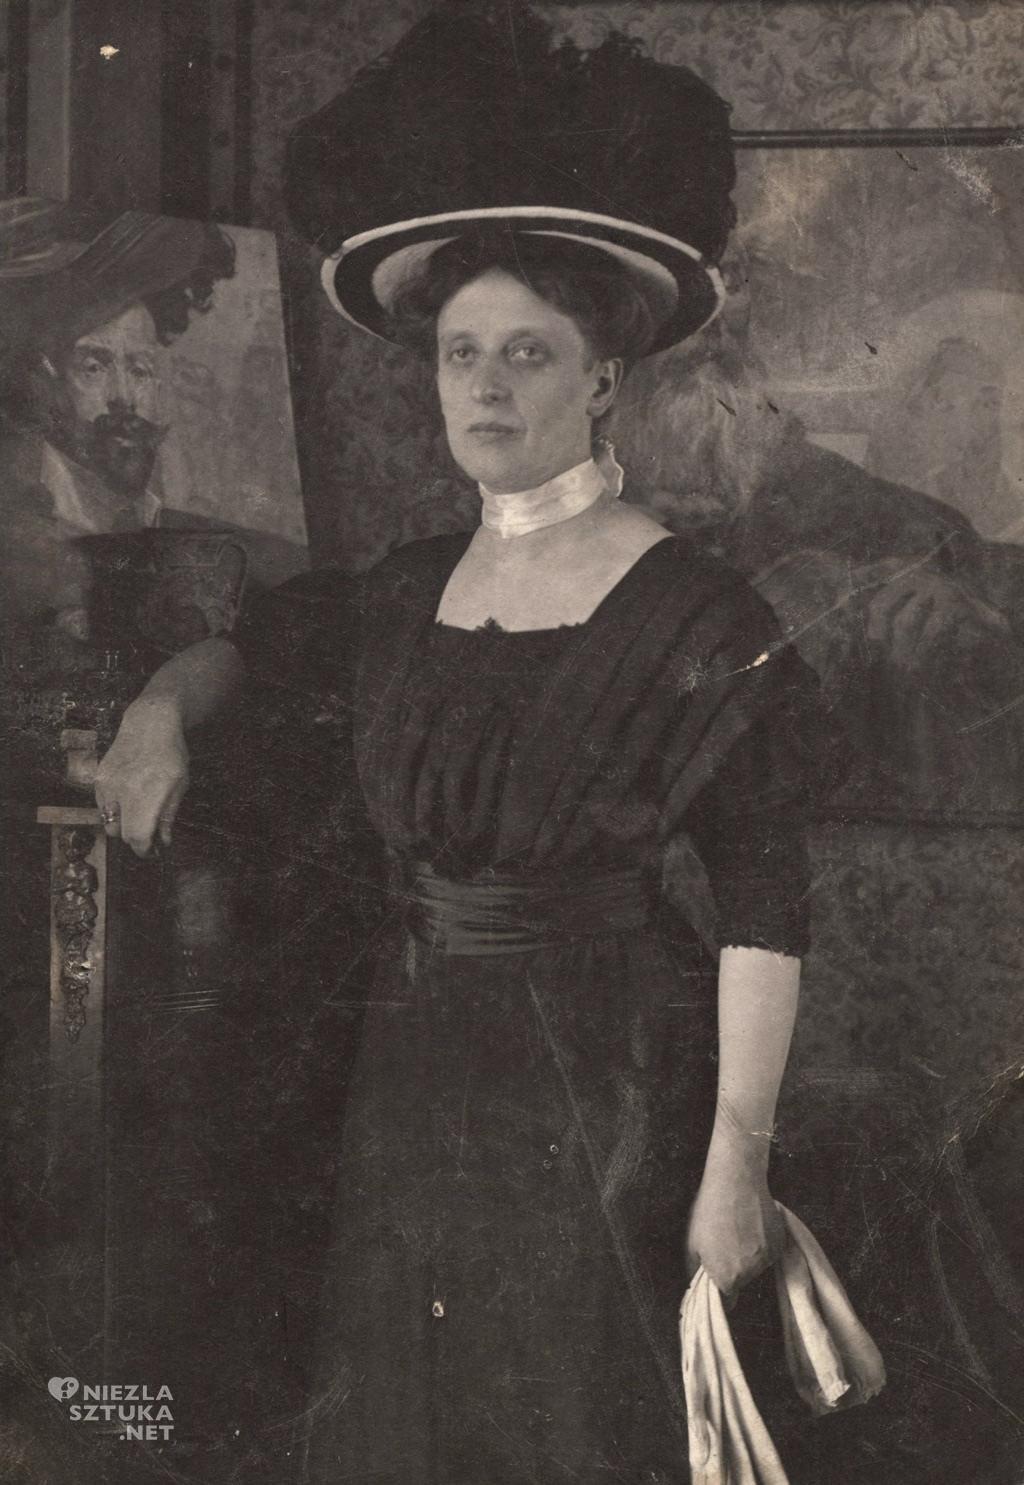 Żona Jacka Malczewskiego, fot. Muzeum Jacka Malczewskiego w Radomiu